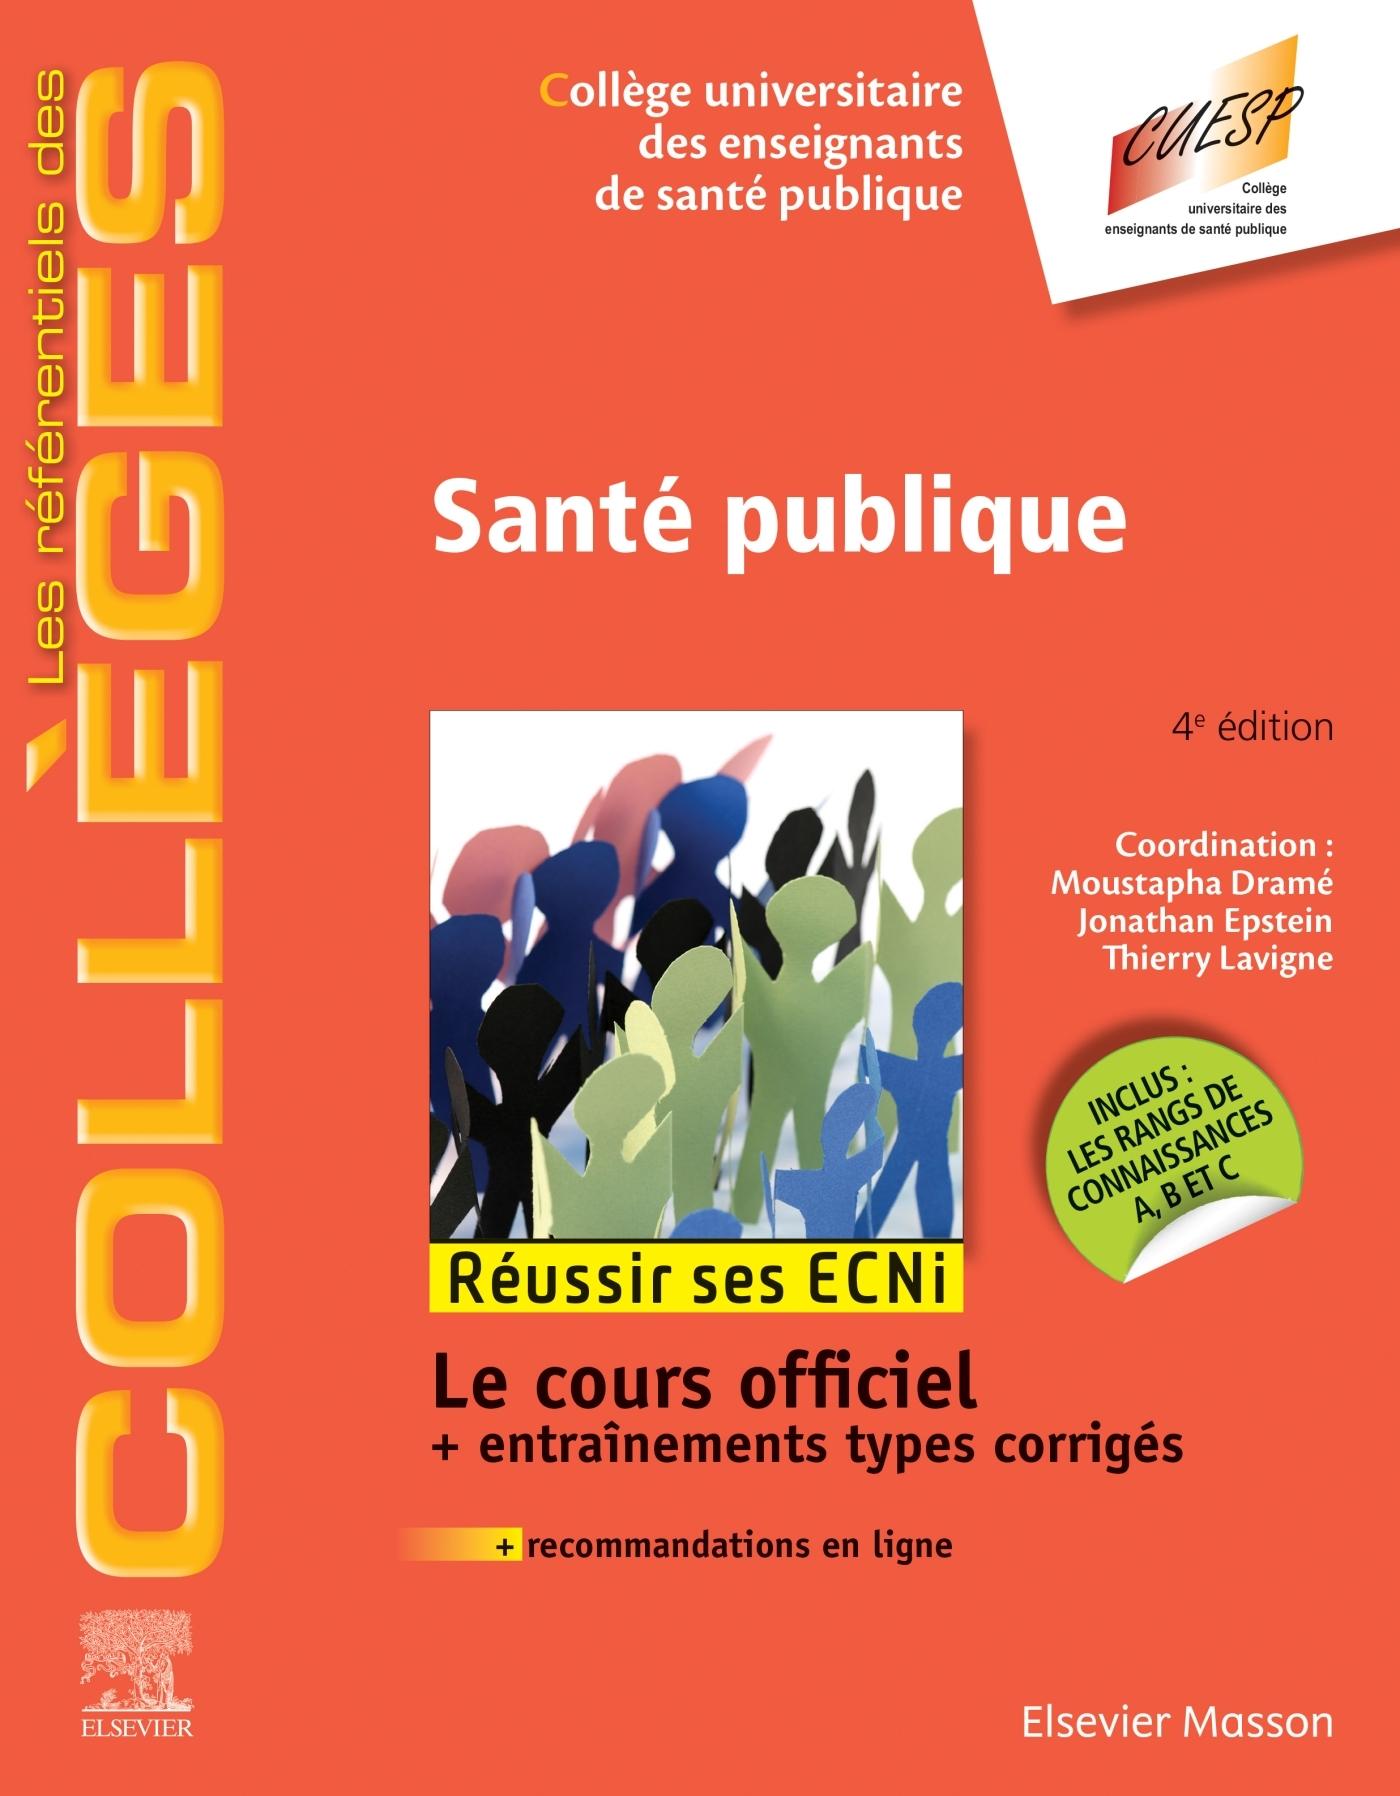 SANTE PUBLIQUE - REUSSIR LES ECNI